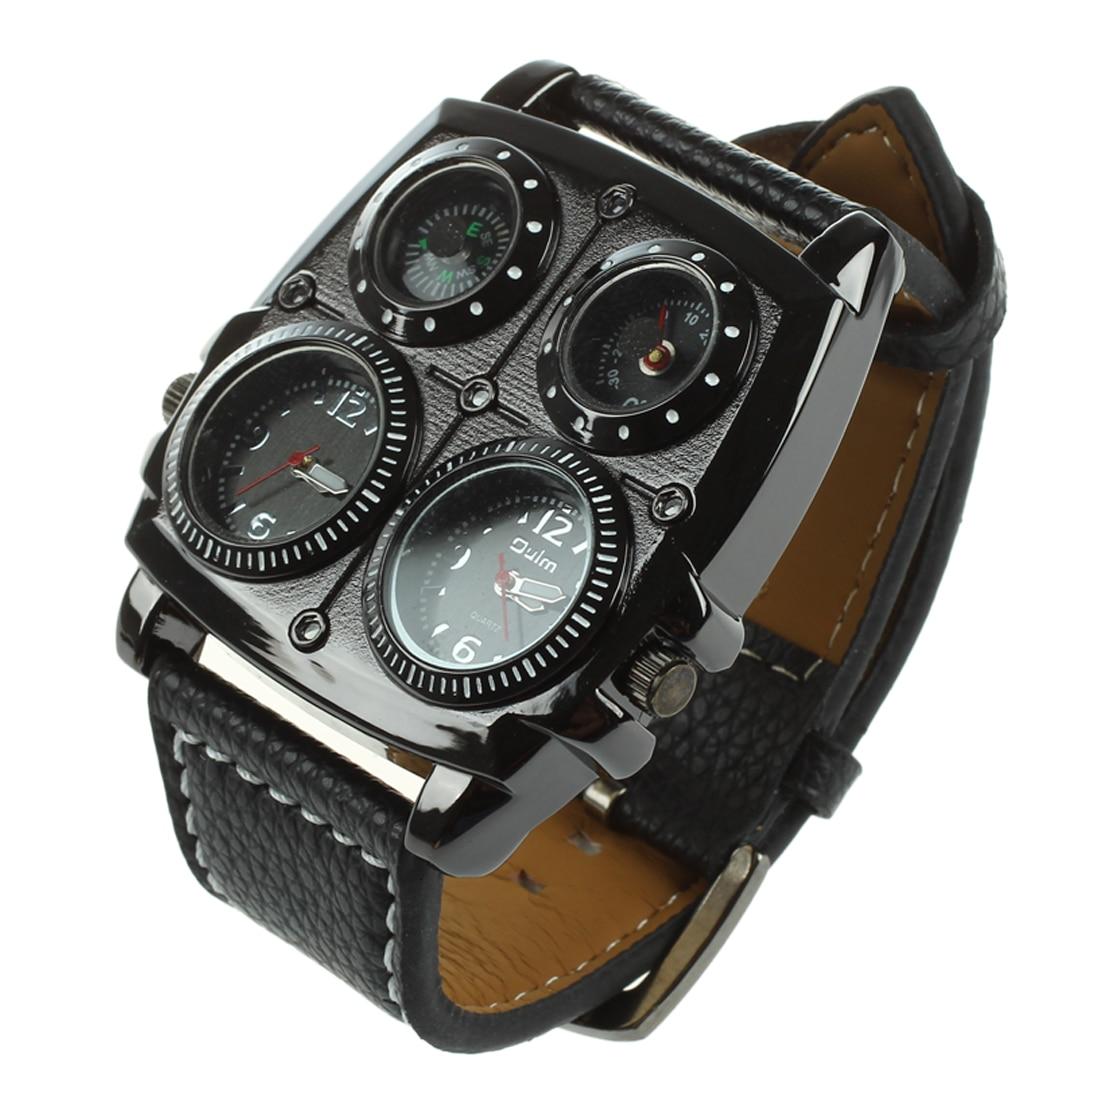 Kompass Oulm Männer Große Uhr Dual Zeit Zonen Thermometer-große 5 Cm Multi-funktion Zifferblatt-lange 16-22 Cm Schwarz Gen Mit Einem LangjäHrigen Ruf